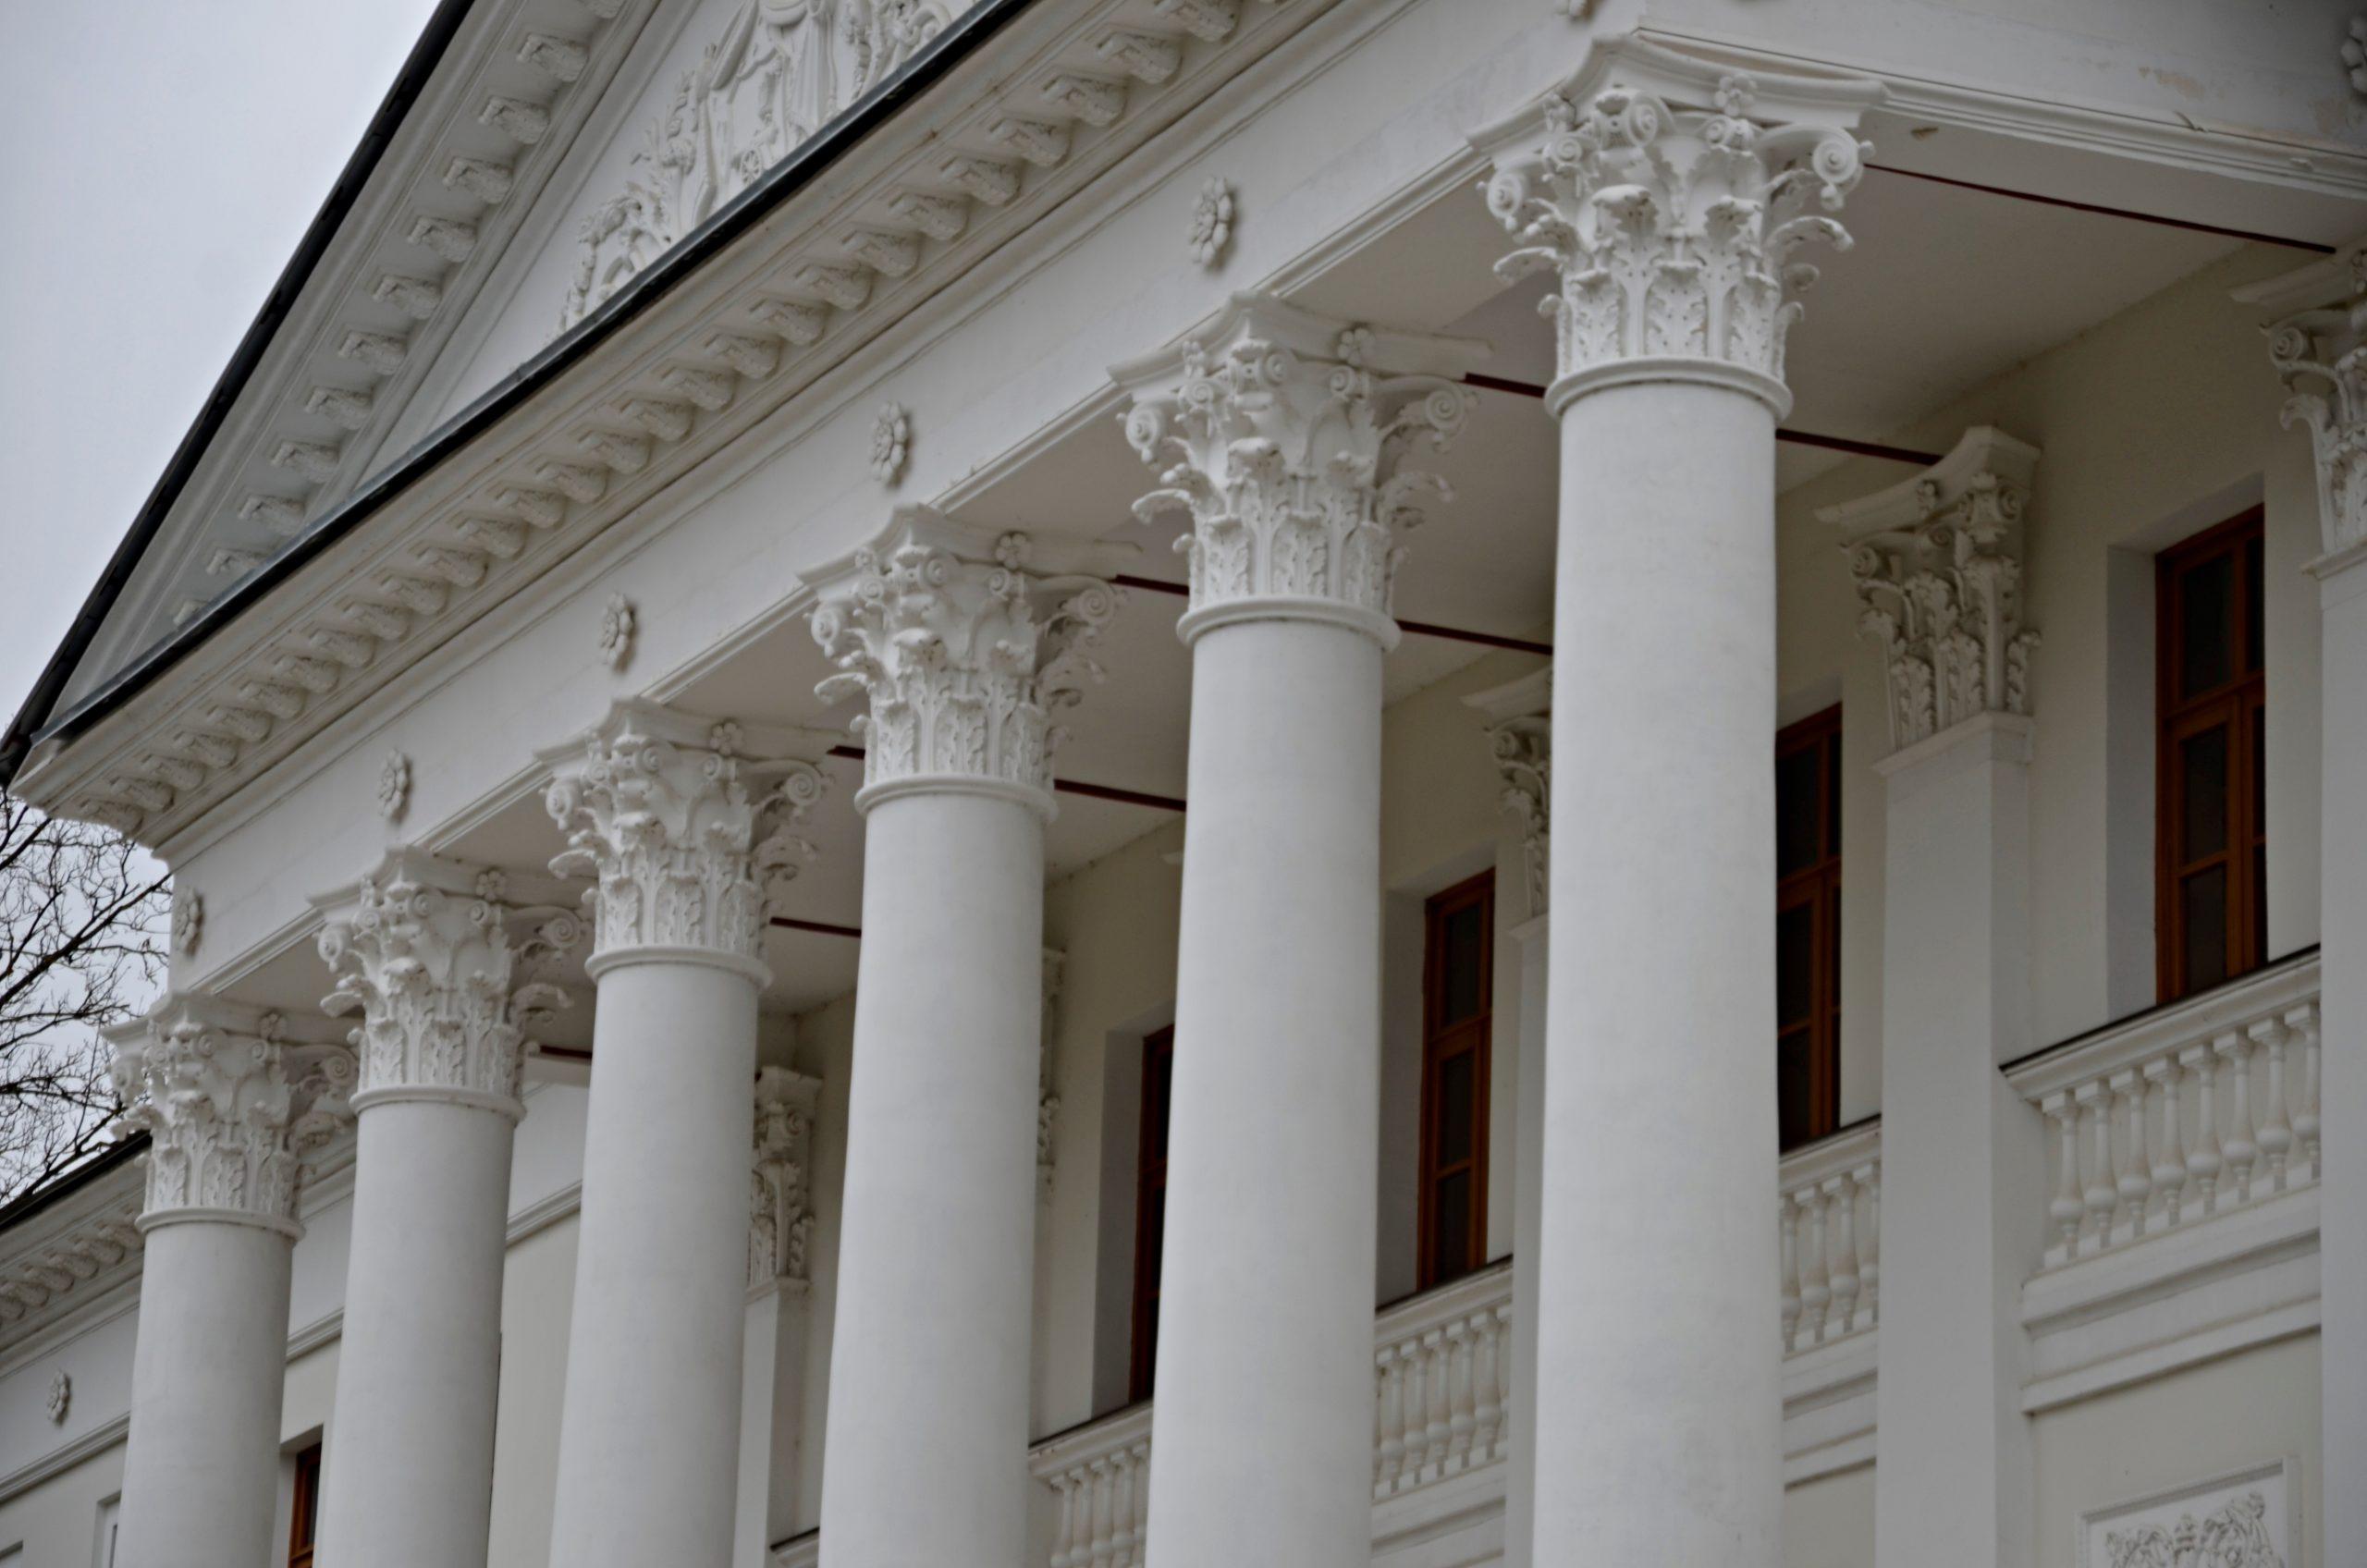 Экскурсии по усадьбам и историческим местам Москвы пройдут ко Дню всемирного наследия